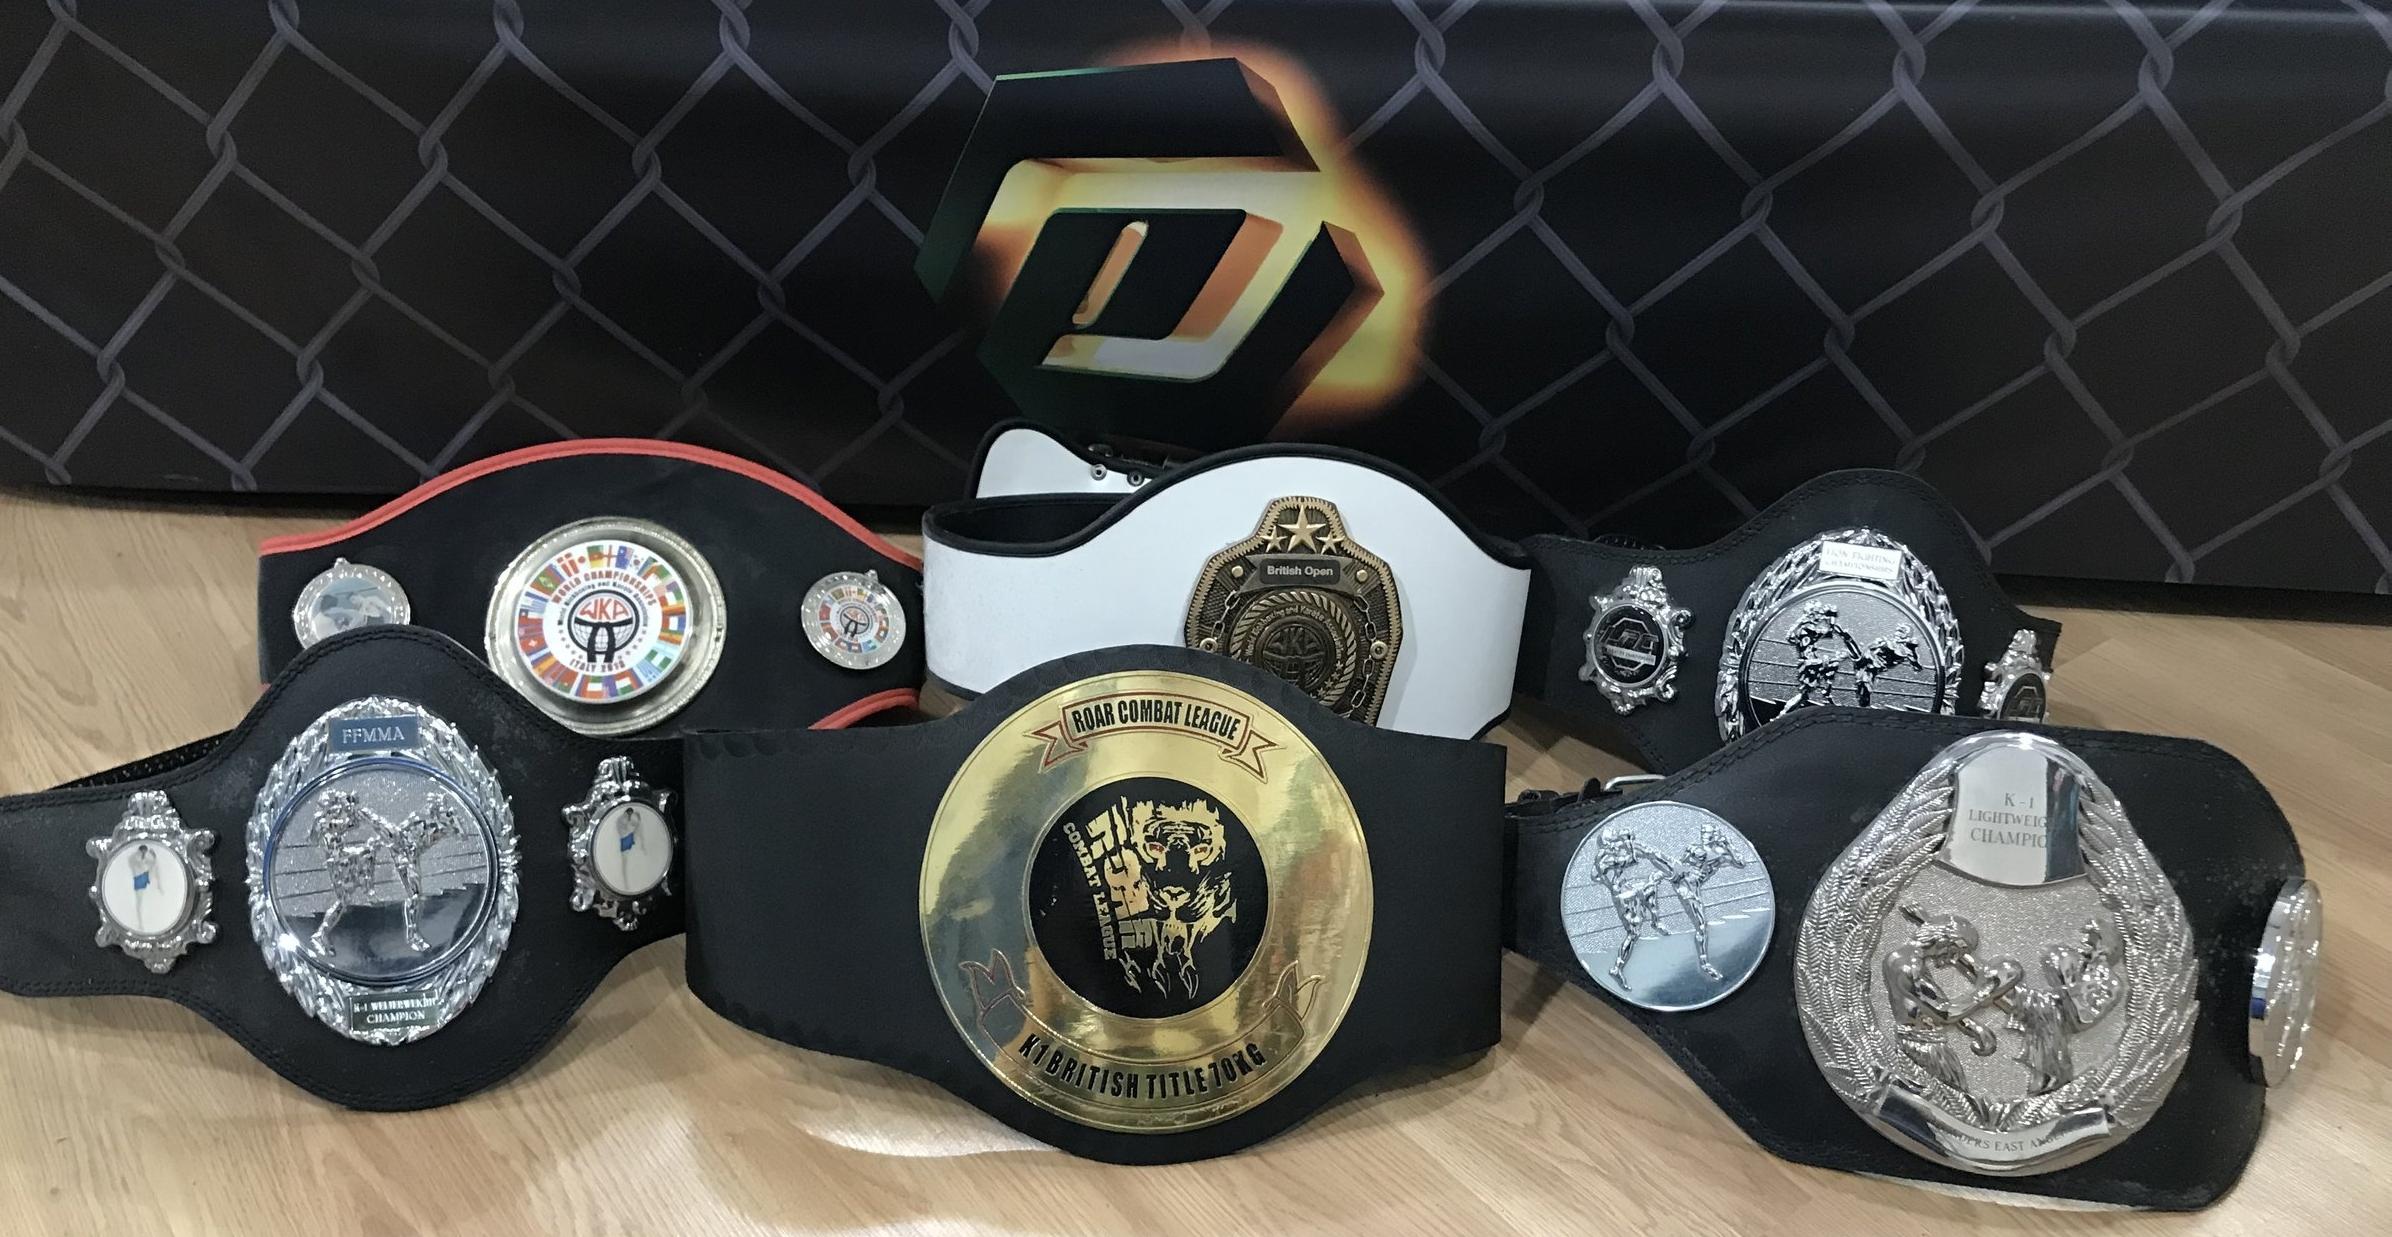 Our elite team have won prestigious kickboxing titles & countless tournaments